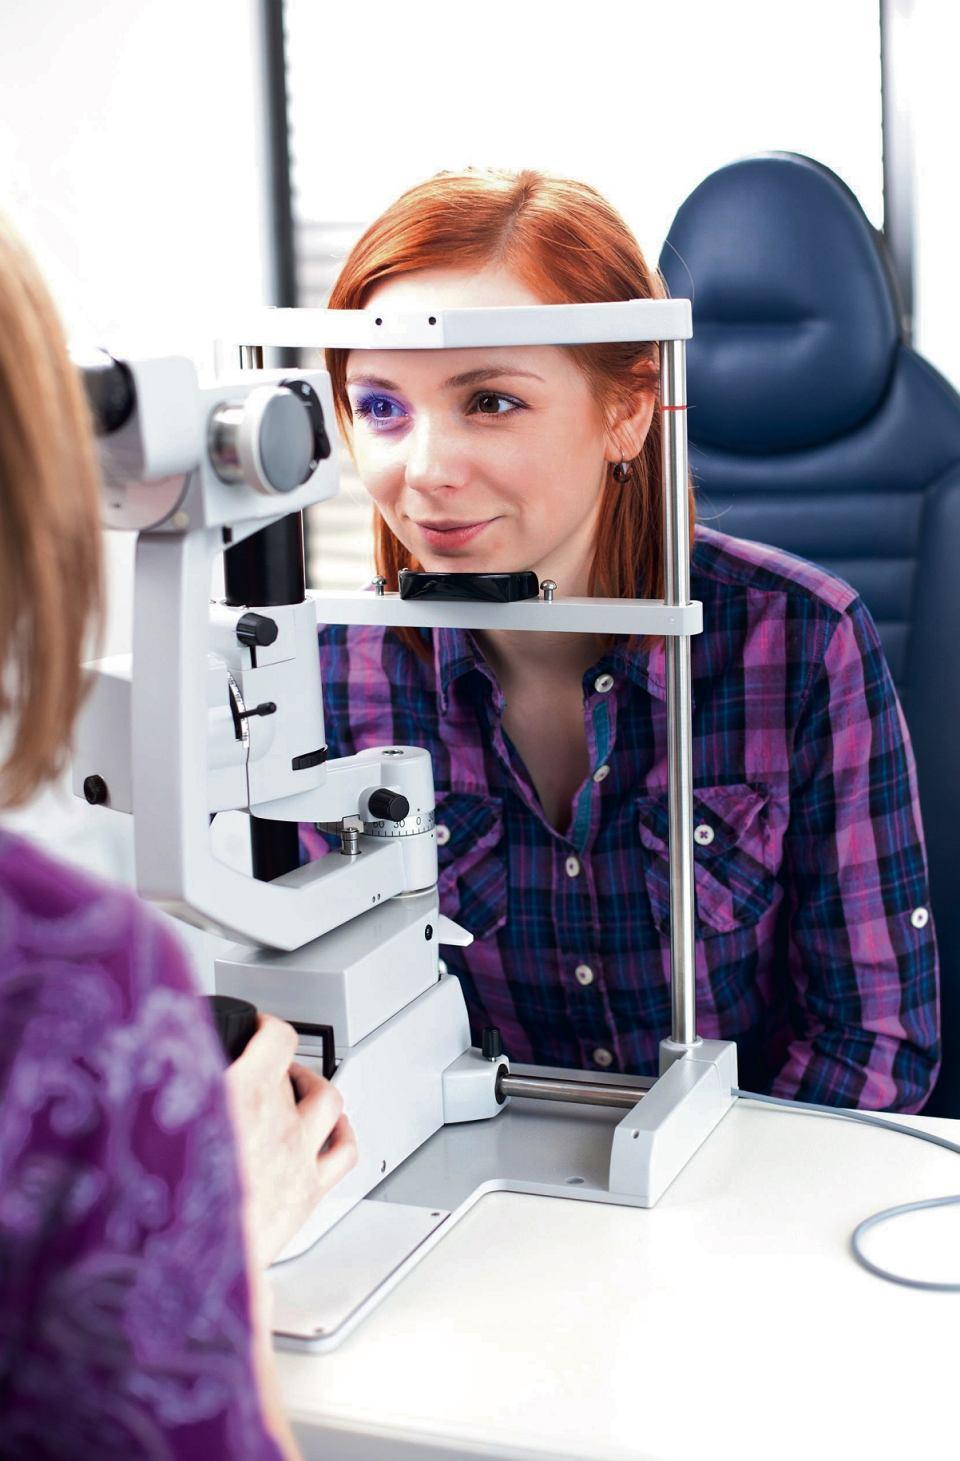 Chcesz skorzystać z badania wzroku u specjalisty za symboliczną złotówkę? Zarejestruj się na www.wielkiebadaniewzroku.pl. Do wyboru masz 160 salonów w całej Polsce i terminy od 1 do 31 marca